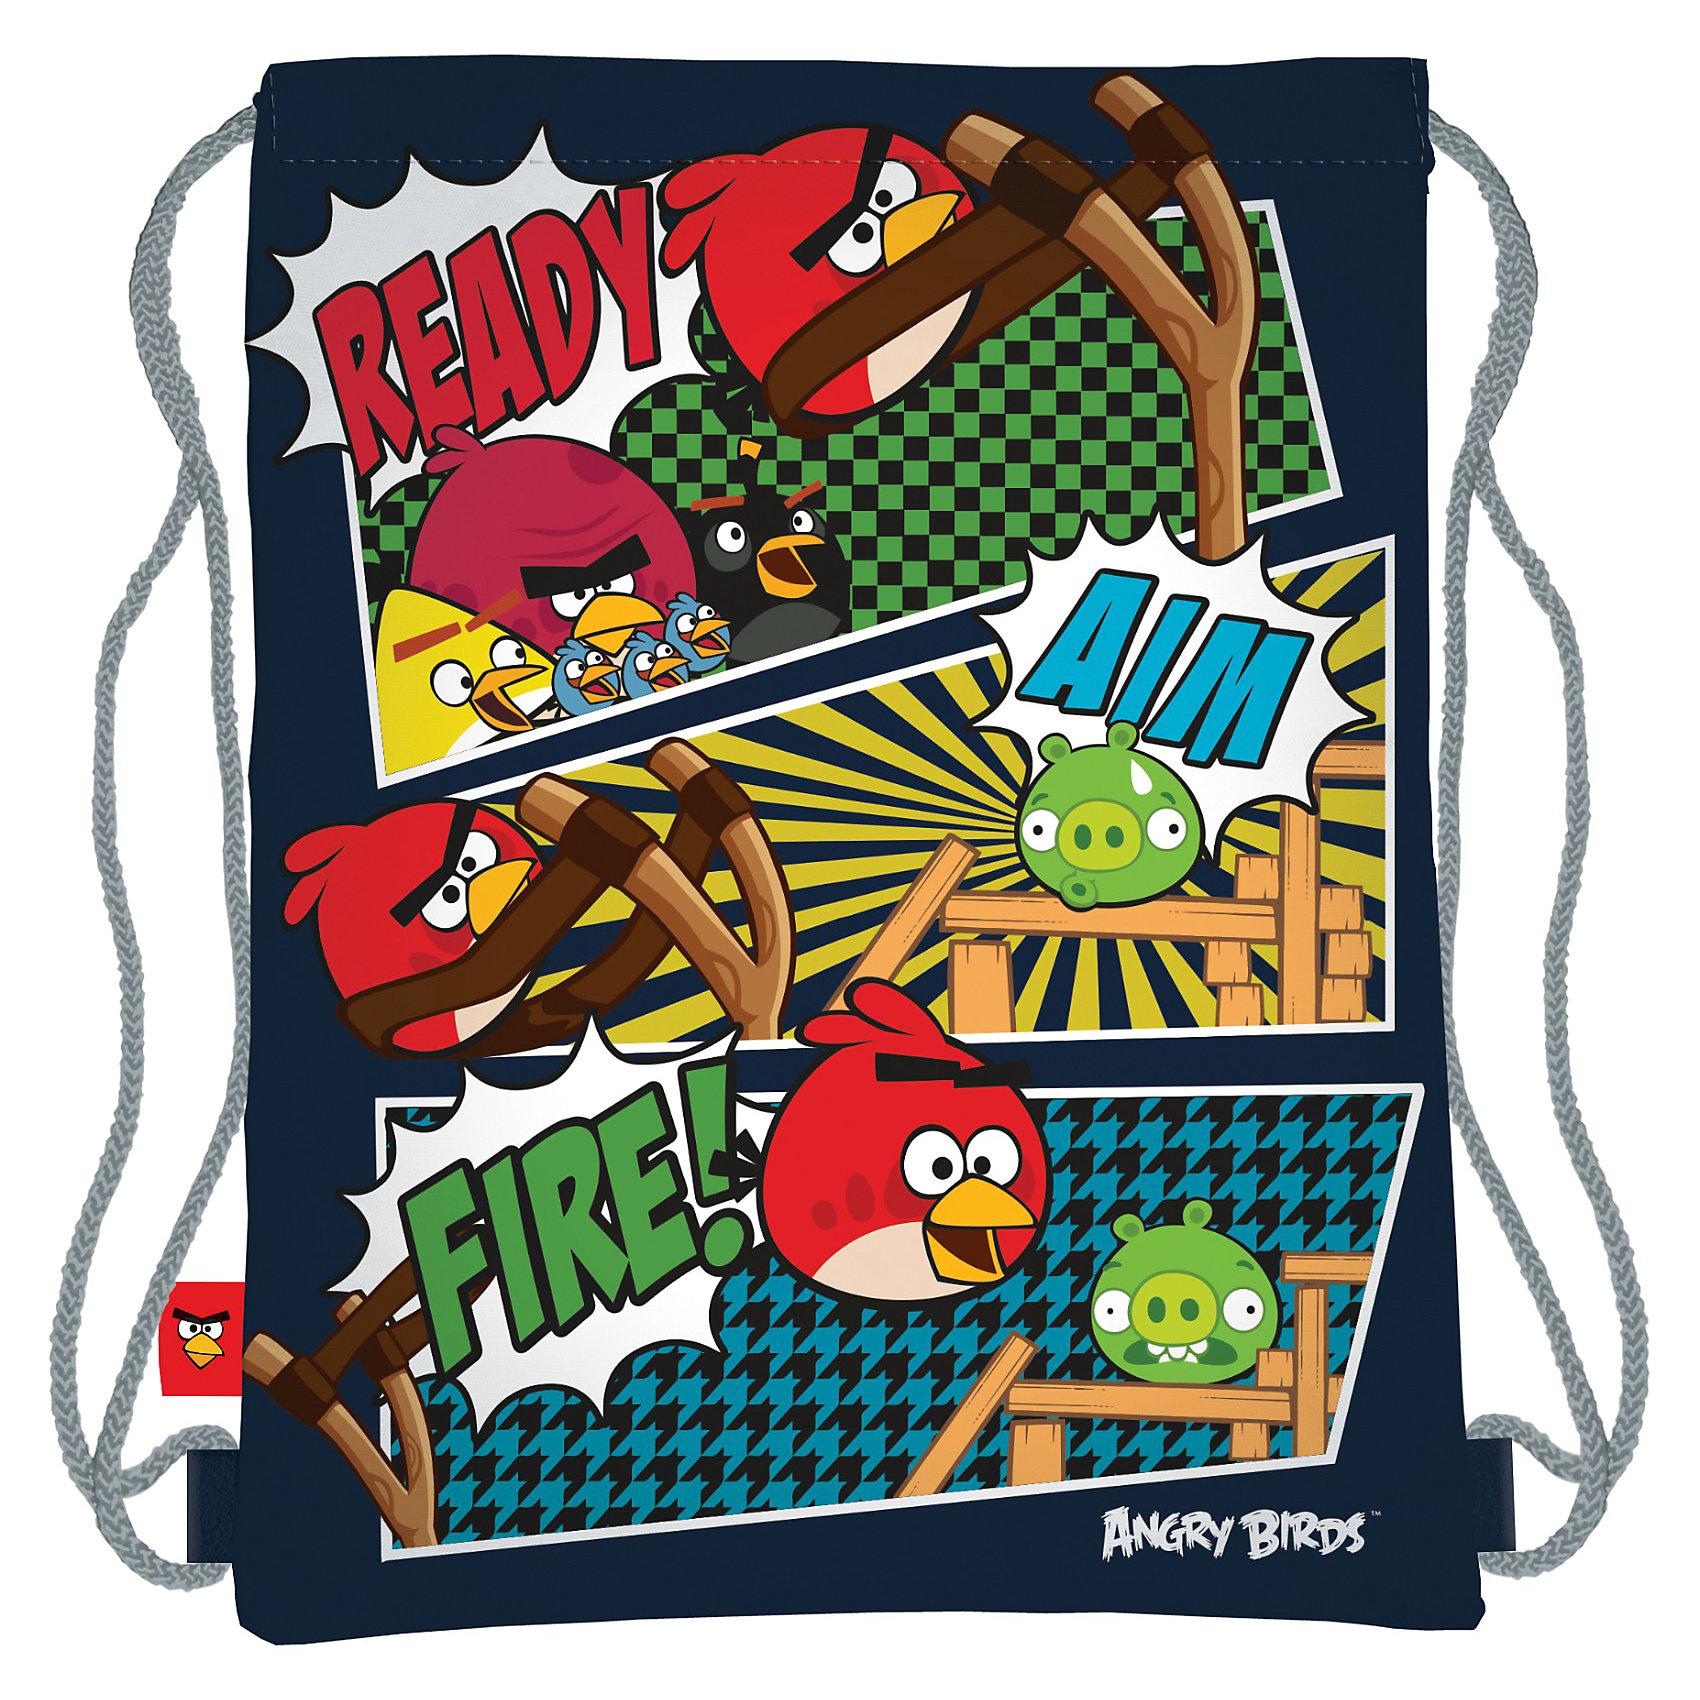 Спортивная сумка для обуви, Angry BirdsМешки для обуви<br>Спортивная сумка для обуви, Angry Birds (Энгри Бердс) — незаменимая вещь для школьника, сталкивающегося с необходимость носить сменную обувь. В сумку вмещается одна пара обуви. Шнурки-завязки служат лямками рюкзака. Сумка выполнена из водоотталкивающего материала, который легко моется, и долго сохраняет первоначальный внешний вид.<br><br>Порадуйте Вашего  ребенка прекрасным подарком!<br><br>Дополнительная информация:<br><br>- Материал: текстиль<br>- Размер: 43 х 34 см<br>- Вес: 70 г.<br><br>Спортивную сумку для обуви, Angry Birds (Злые Птички) можно купить в нашем интернет-магазине.<br><br>Ширина мм: 340<br>Глубина мм: 25<br>Высота мм: 400<br>Вес г: 710<br>Возраст от месяцев: 96<br>Возраст до месяцев: 108<br>Пол: Унисекс<br>Возраст: Детский<br>SKU: 3563161